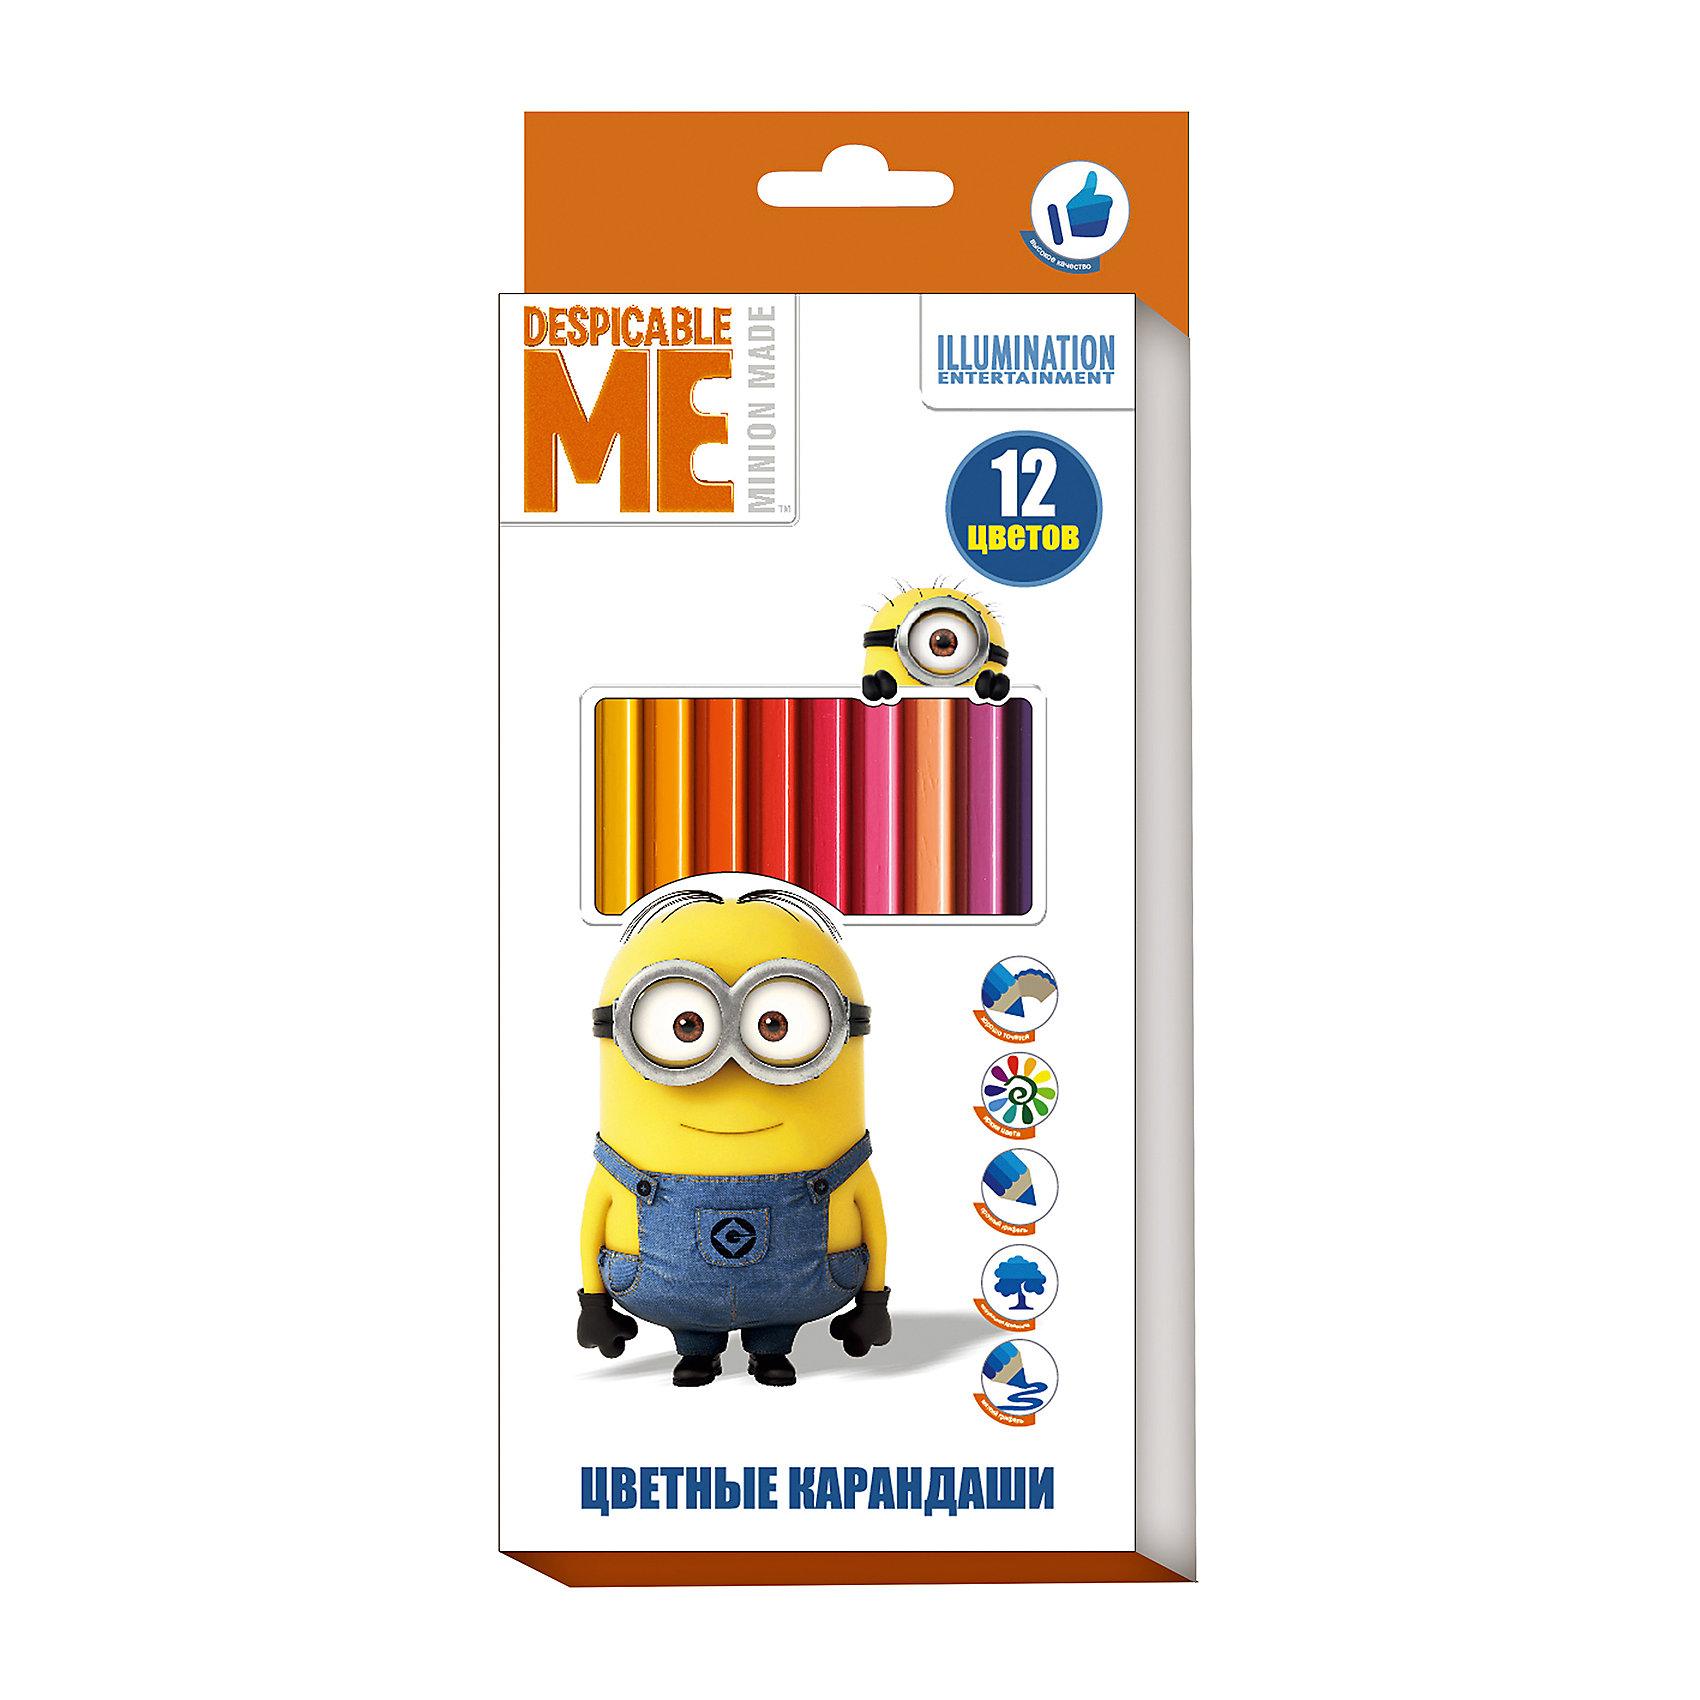 Цветные карандаши, 12 цветов, МиньоныМиньоны<br>Характеристики:<br><br>• возраст: от 3 лет<br>• в наборе: 12 разноцветных карандашей<br>• материал корпуса: древесина<br>• упаковка: картонная коробка с европодвесом<br>• размер упаковки: 9х20х0,8 см.<br>• срок годности не ограничен<br><br>Яркие карандаши «Миньоны» помогут маленькому художнику создавать красивые картинки, а любимые герои вдохновят малыша на новые интересные идеи. <br><br>В набор входит 12 цветных мягких и одновременно прочных карандашей, идеально подходящих для рисования, письма и раскрашивания. Яркие линии получаются без сильного нажима. Благодаря высококачественной древесине, карандаши легко затачиваются. Прочный грифель не крошится при падении и не ломается при заточке.<br><br>Цветные карандаши, 12 цветов, Миньоны можно купить в нашем интернет-магазине.<br><br>Ширина мм: 90<br>Глубина мм: 8<br>Высота мм: 202<br>Вес г: 83<br>Возраст от месяцев: 36<br>Возраст до месяцев: 2147483647<br>Пол: Унисекс<br>Возраст: Детский<br>SKU: 6963161